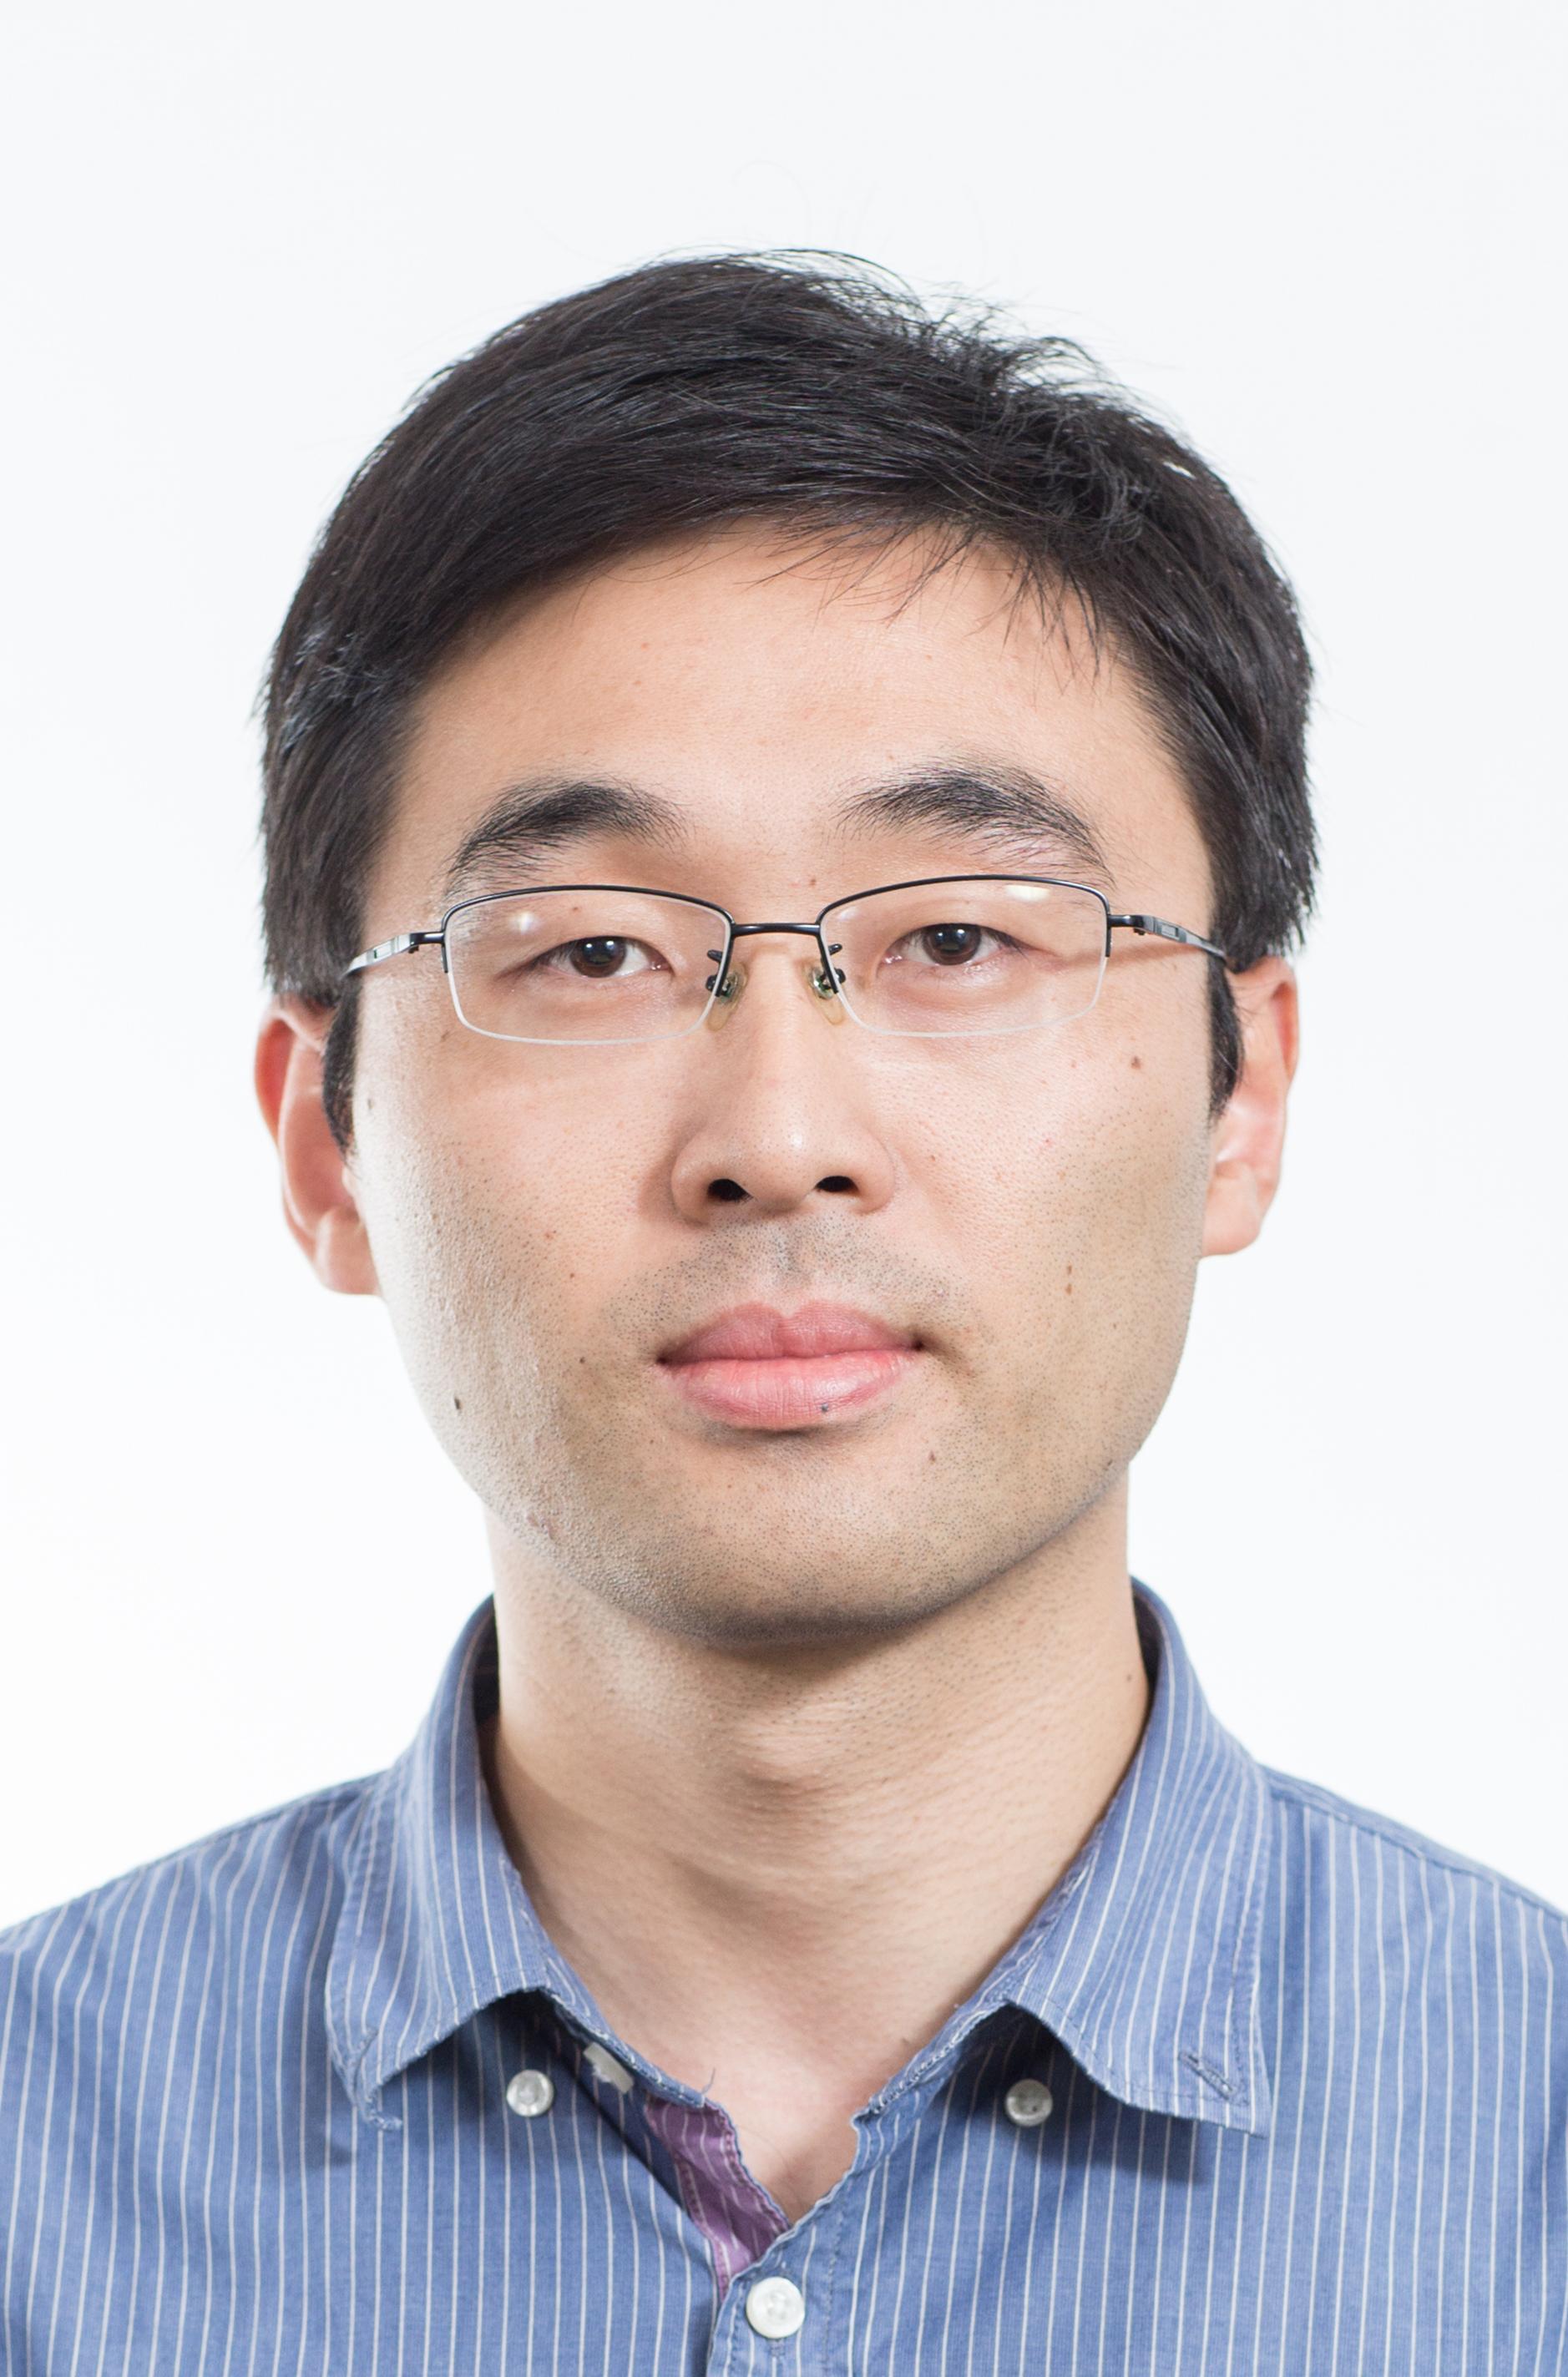 Joshua chi